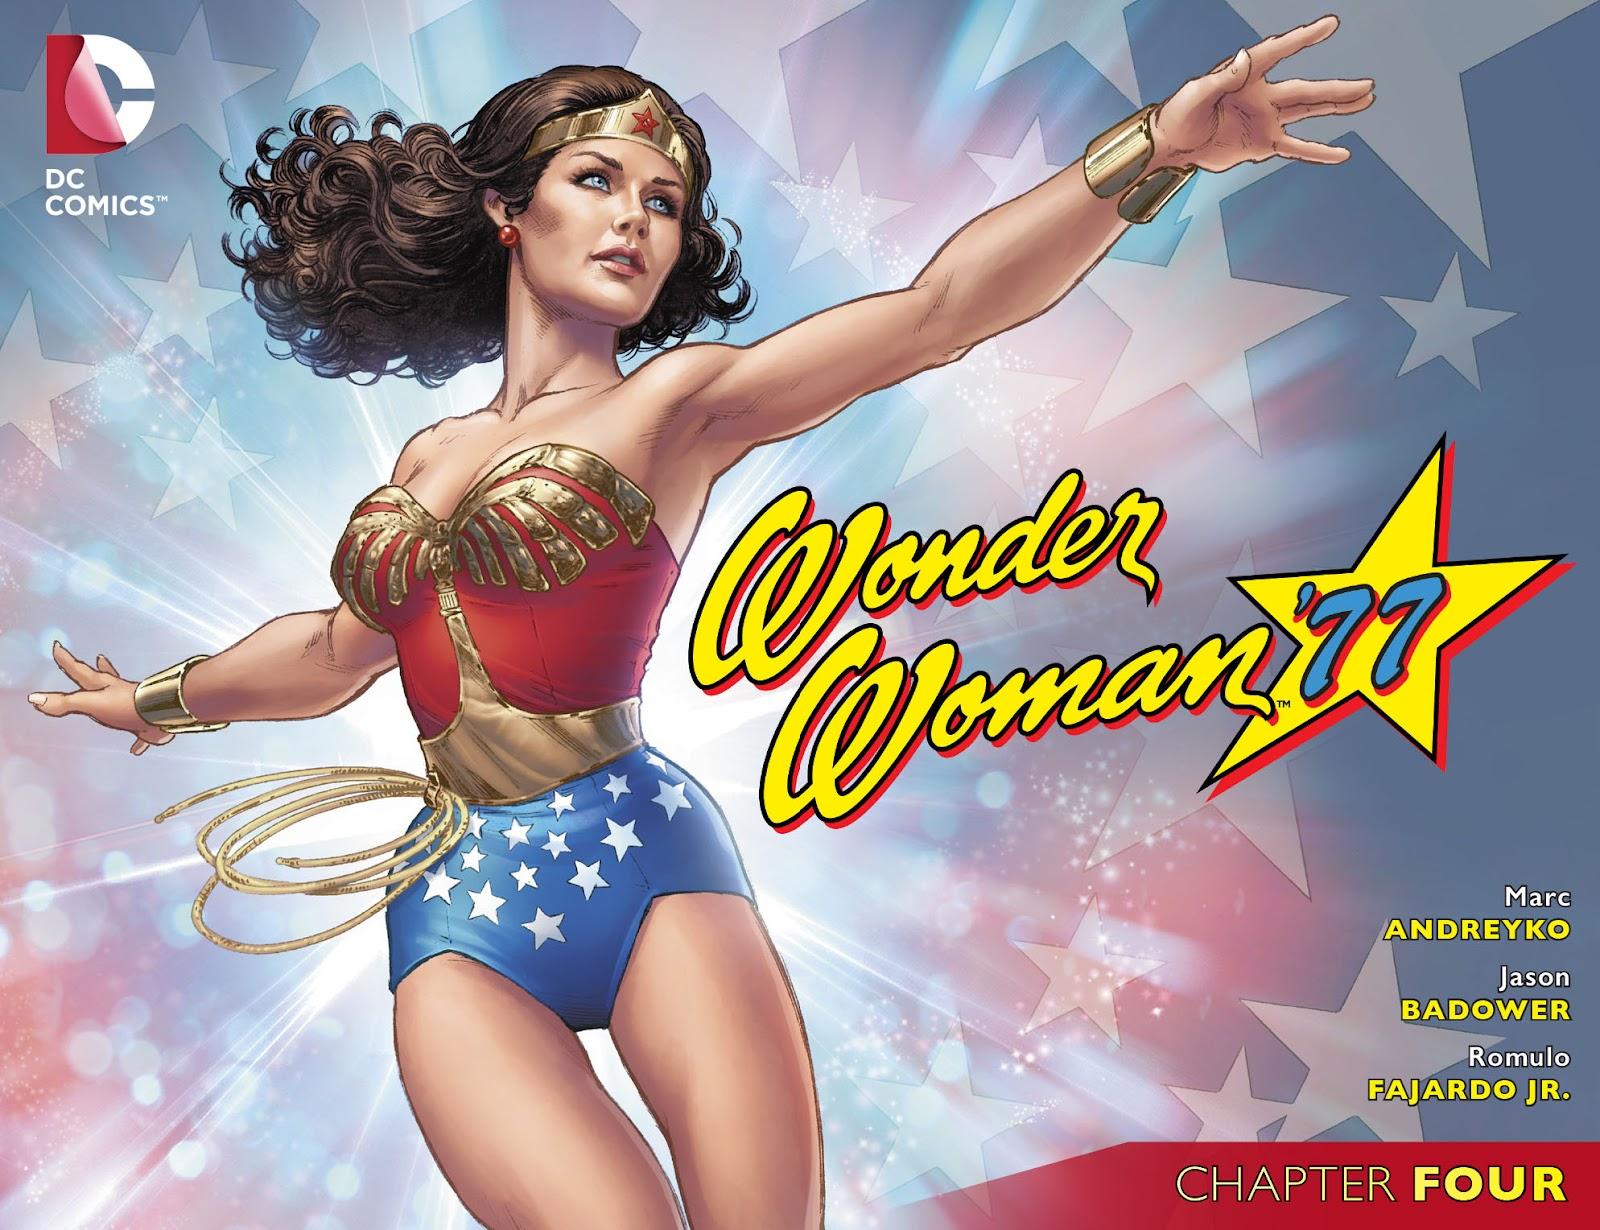 Wonder Woman 77 [I] 4 Page 1